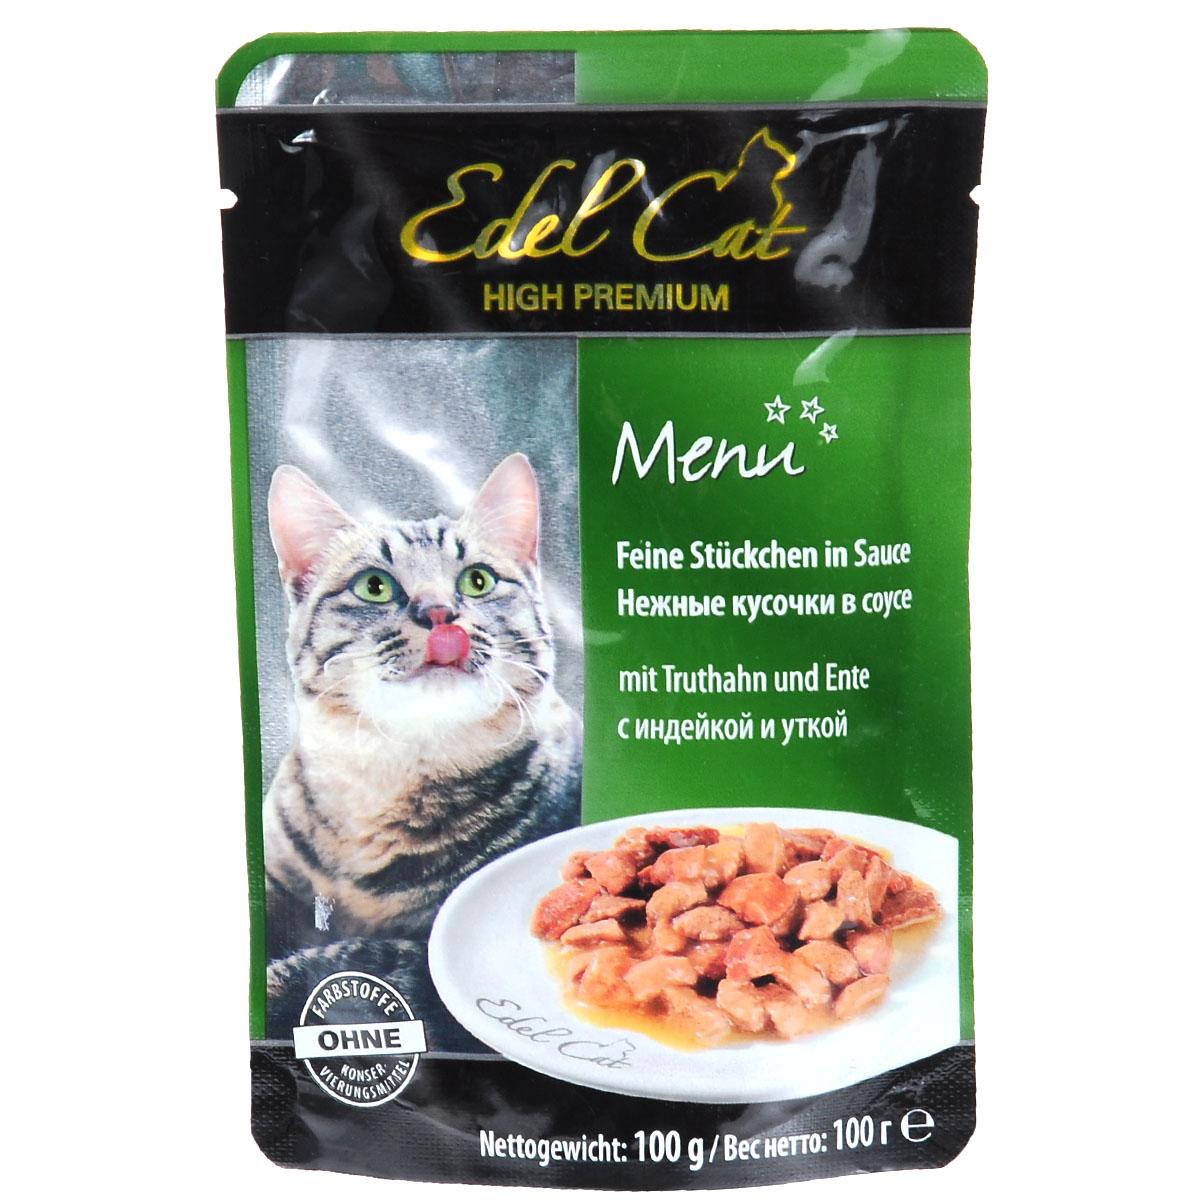 Консервы для кошек Edel Cat, с индейкой и уткой в соусе, 100 г12775Корм Edel Cat представляет собой чудесные консервы для взрослых кошек. Аппетитные кусочки в соусе обязательно понравятся вашим питомцам. Полнорационный корм Edel Cat - это восхитительное лакомство, которое было разработано с учетом всех особенностей организма взрослых кошек, поэтому продукт рекомендован всем питомцам, достигшим возраста 8 месяцев. В Edel Cat вошли только высококачественные ингредиенты. В качестве основных продуктов питания выступают утка и индейка. Именно эти компоненты обеспечивают непревзойденные вкусовые свойства консервов. Витаминный комплекс, входящий в состав корма, помогает укрепить иммунную систему. Состав: мясо и мясопродукты (5% индейки, 5% утки), злаки, минеральные вещества, инулин (0,1%). Аналитический состав: влажность 82%, протеин - 8,5%,жир - 4,5%, зола - 2%, клетчатка - 0,3%. Пищевые добавки на кг: витамин ДЗ 250 МЕ, цинк 18 мг, витамин Е 15 мг, медь 1 мг, марганец 1 мг. Товар...